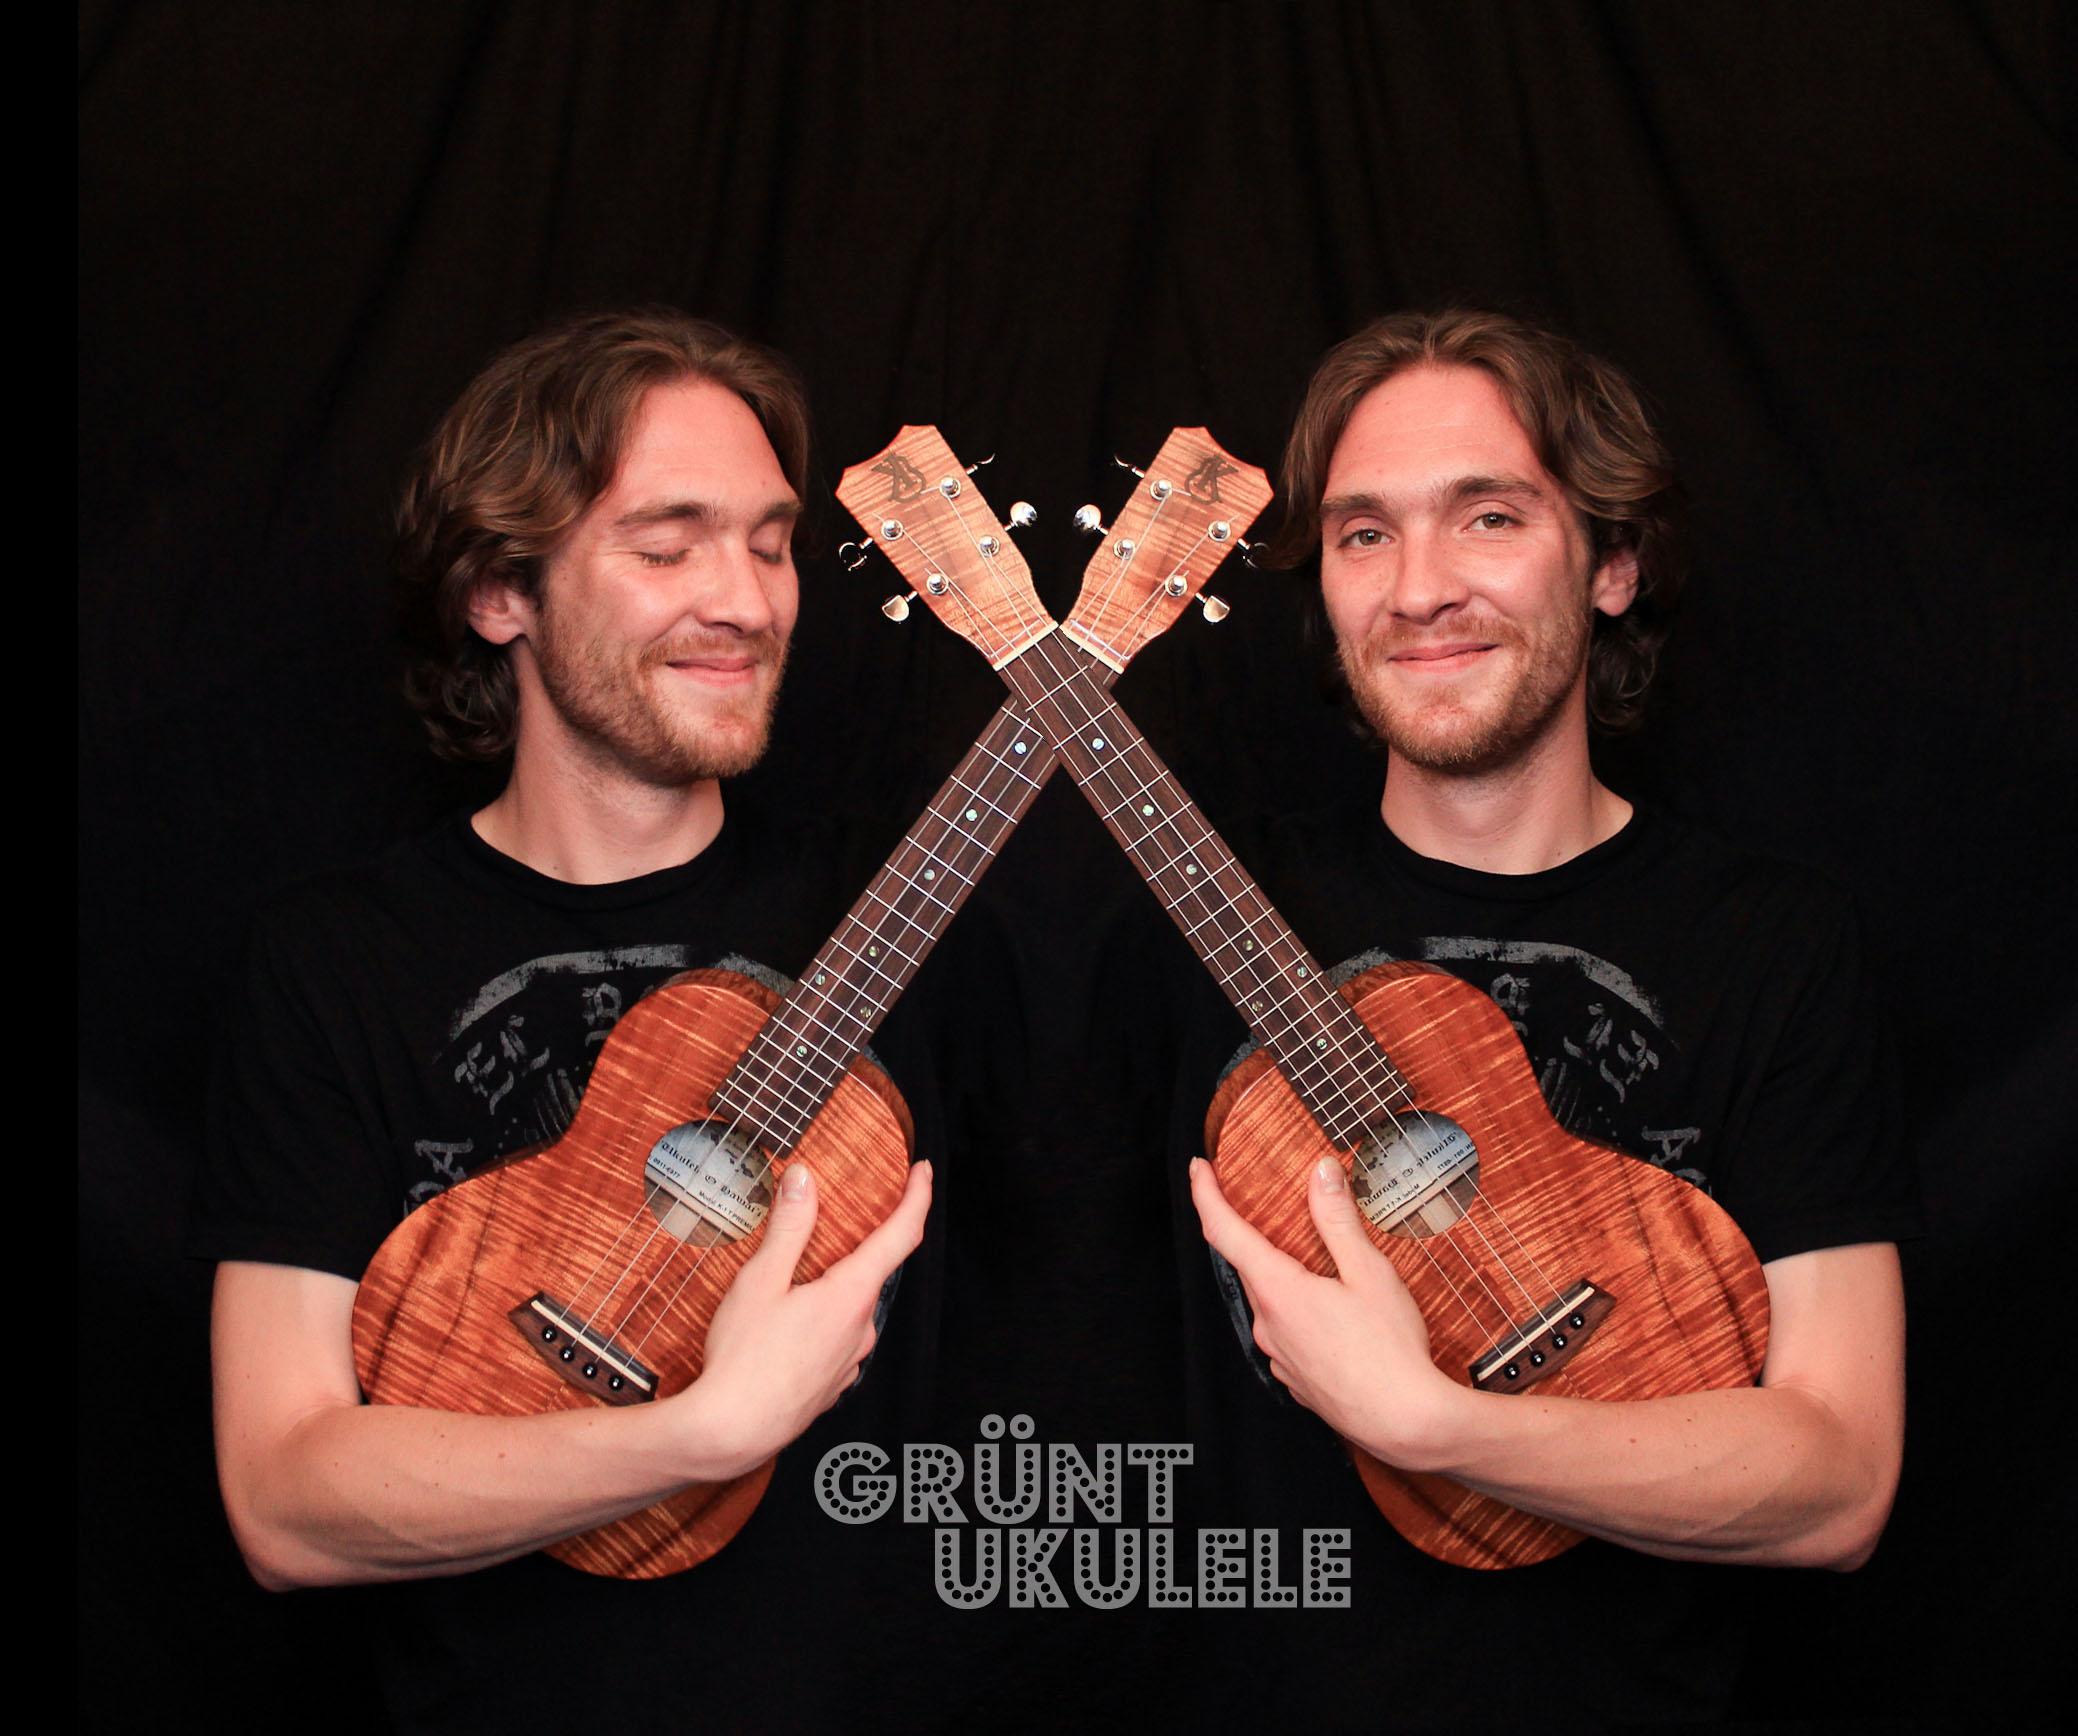 Adrien french ukulele player